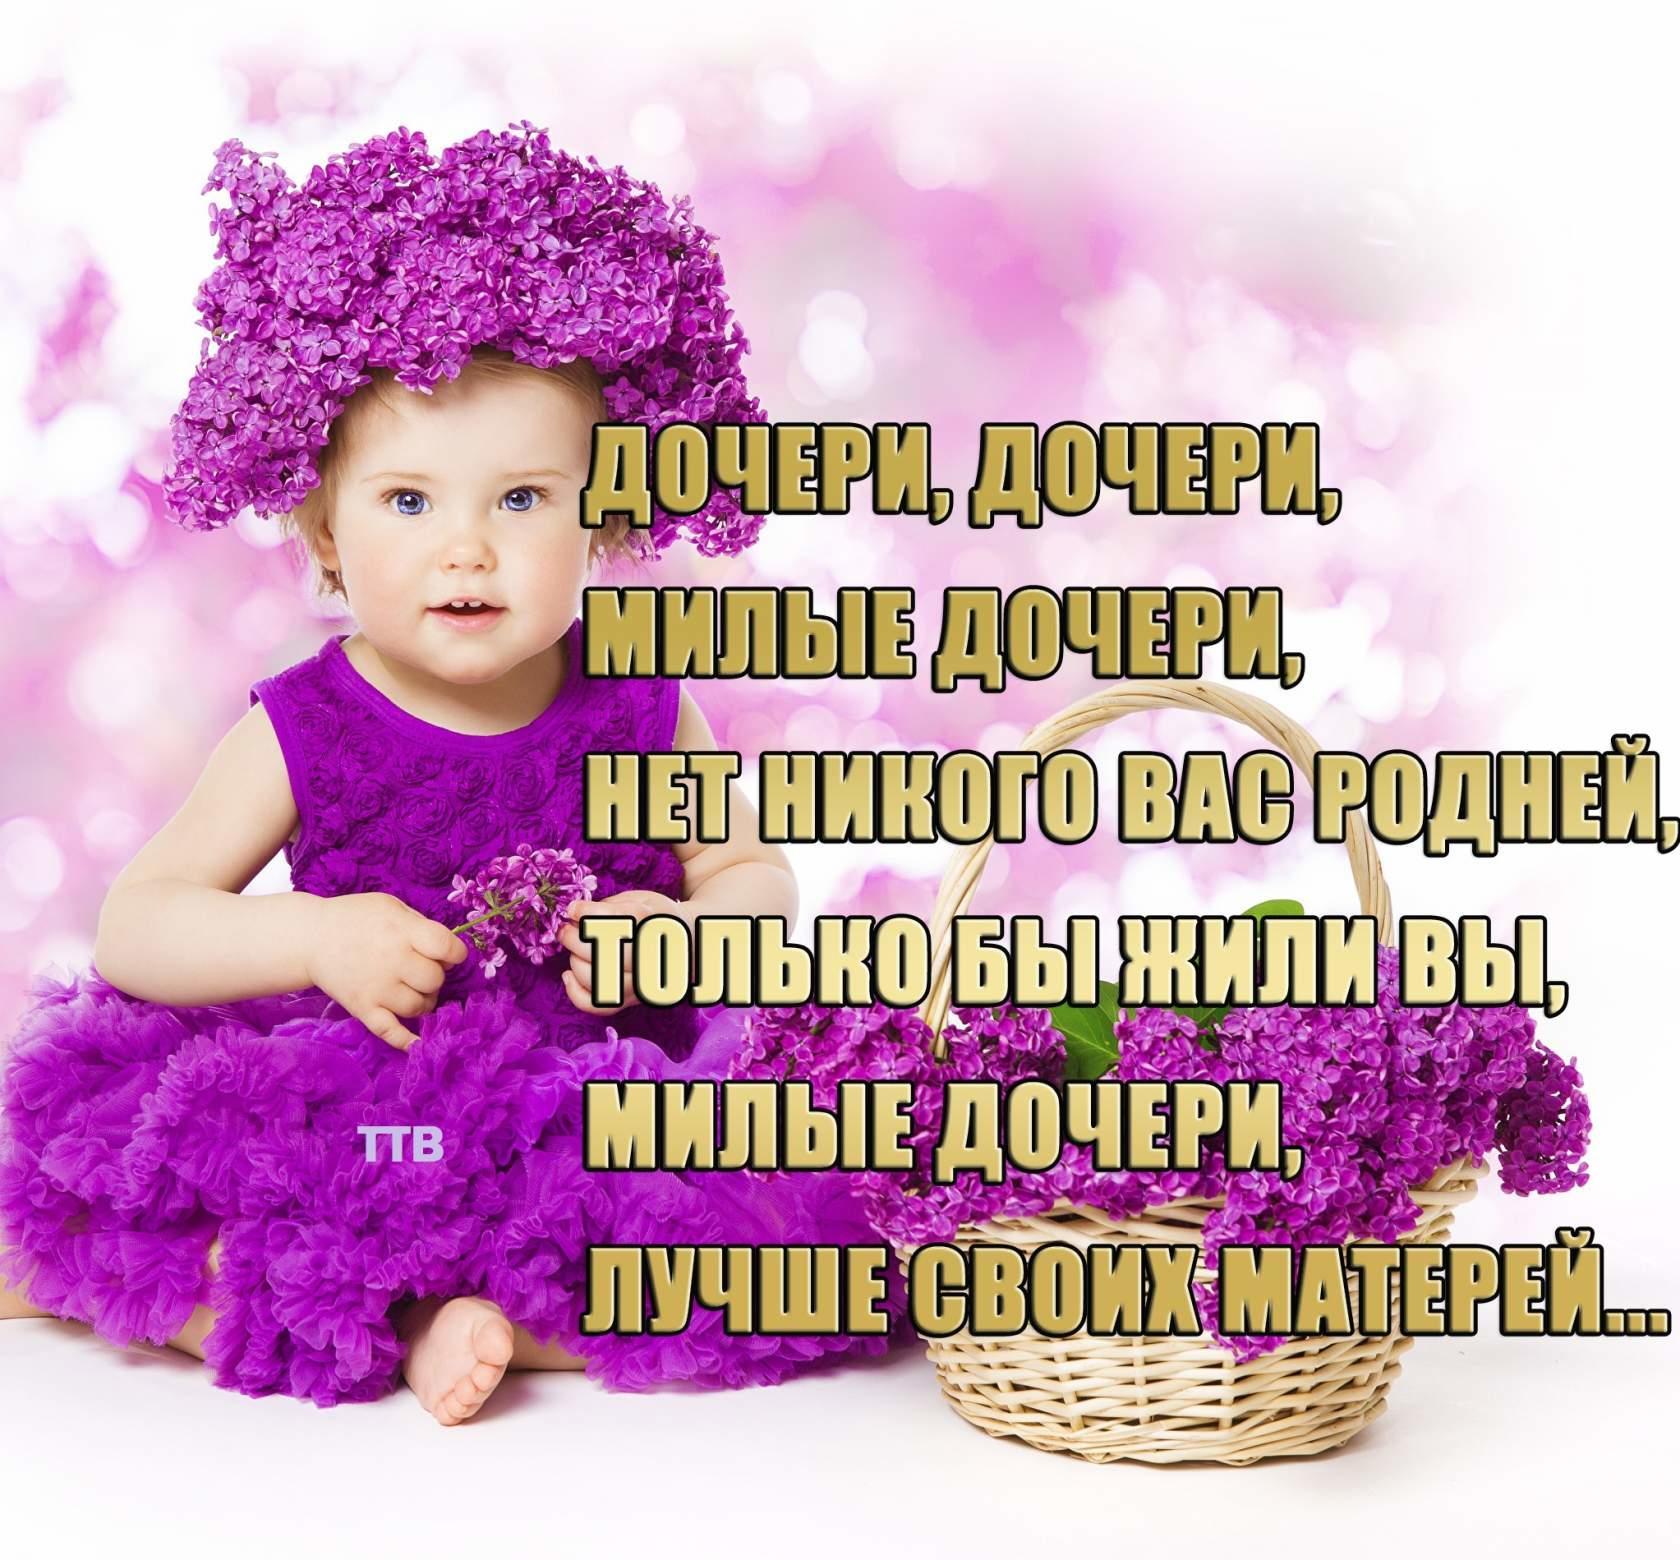 бывает статусы с поздравлениями дочери соглашается выгодные предложения